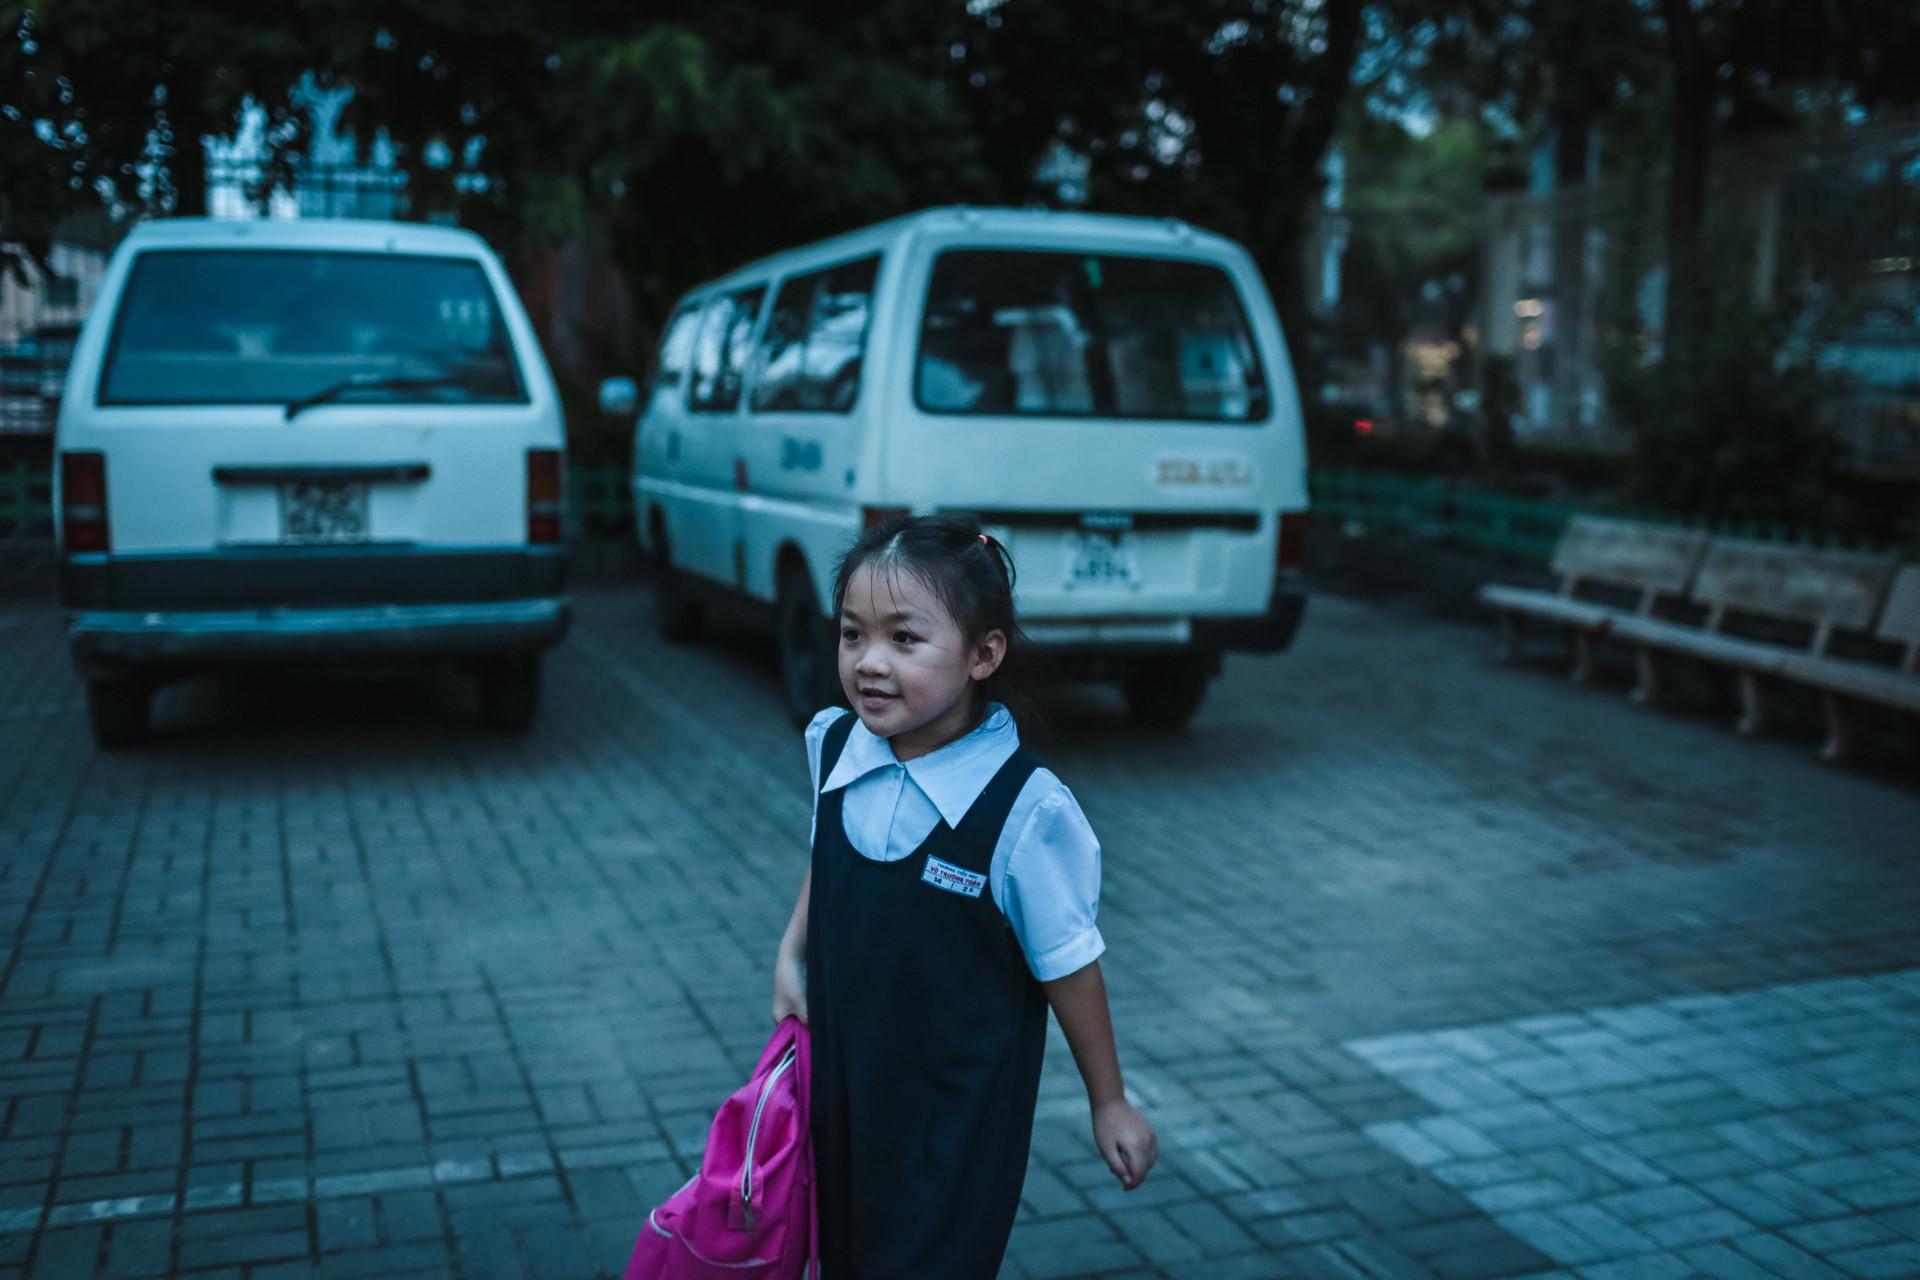 Không vào được nhà, cô bé Bảo Lâm được ông Thuyết chở về lại trường để chờ bố đến đón.